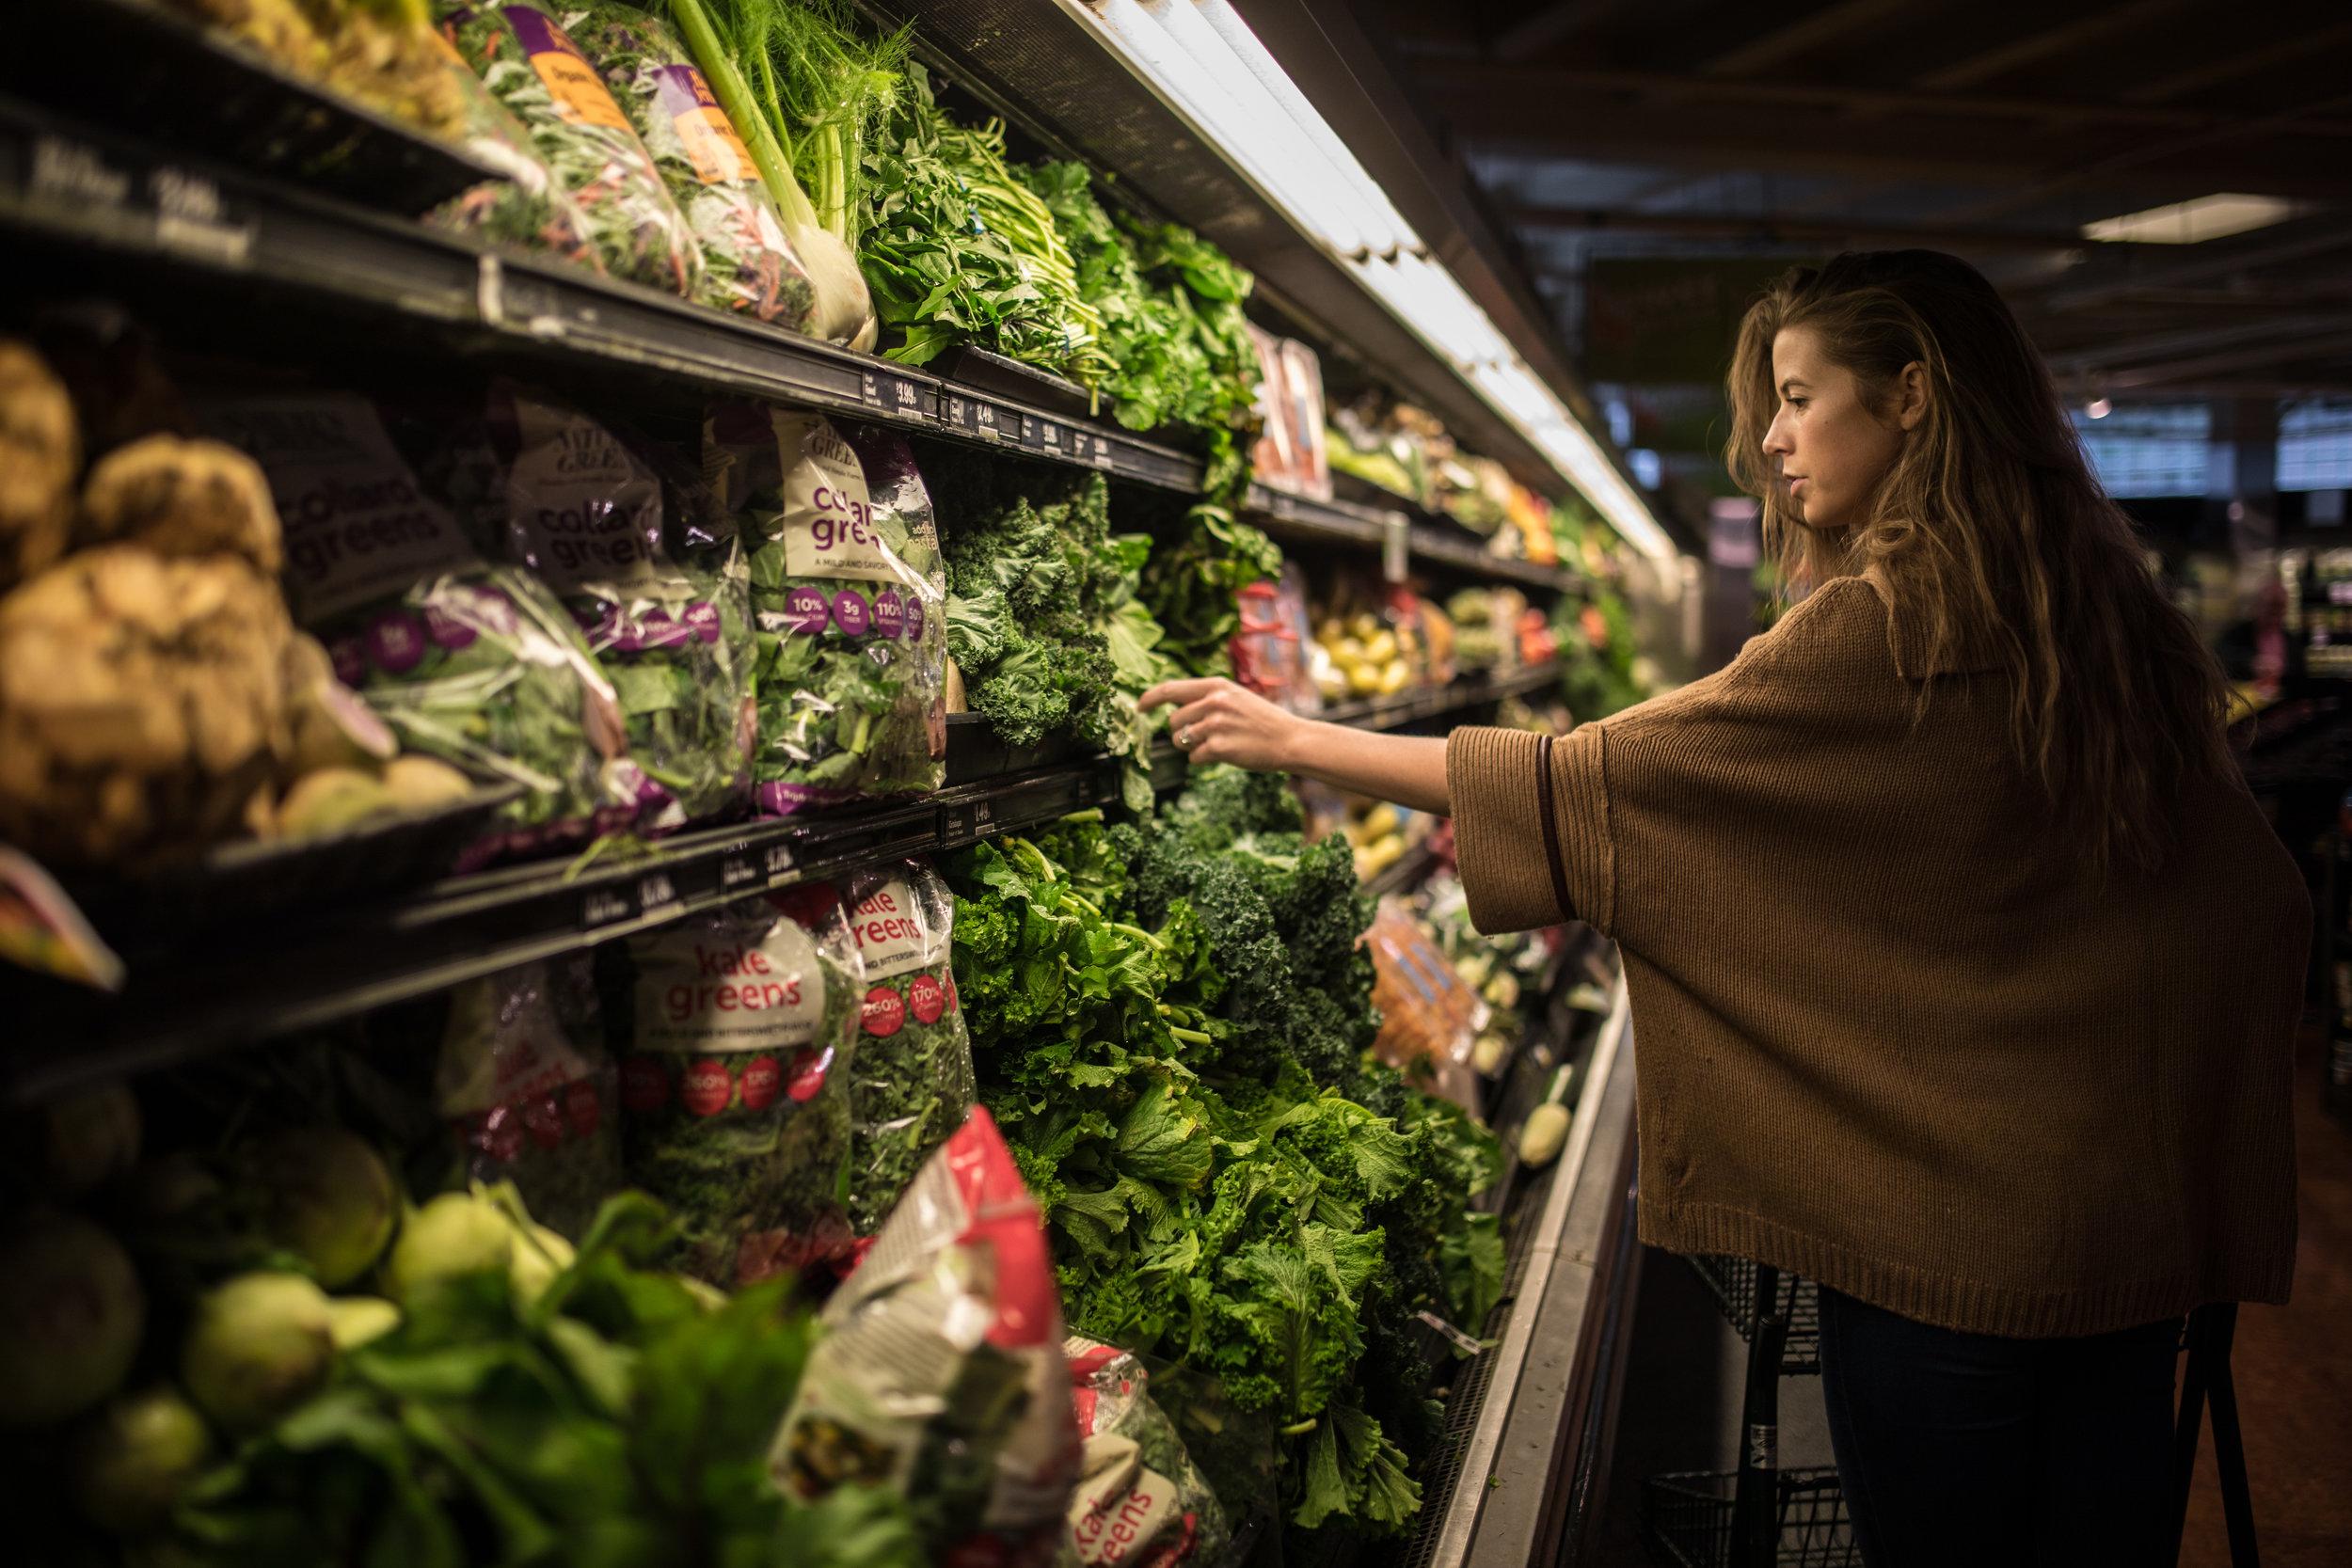 millennial_grocery_shopper